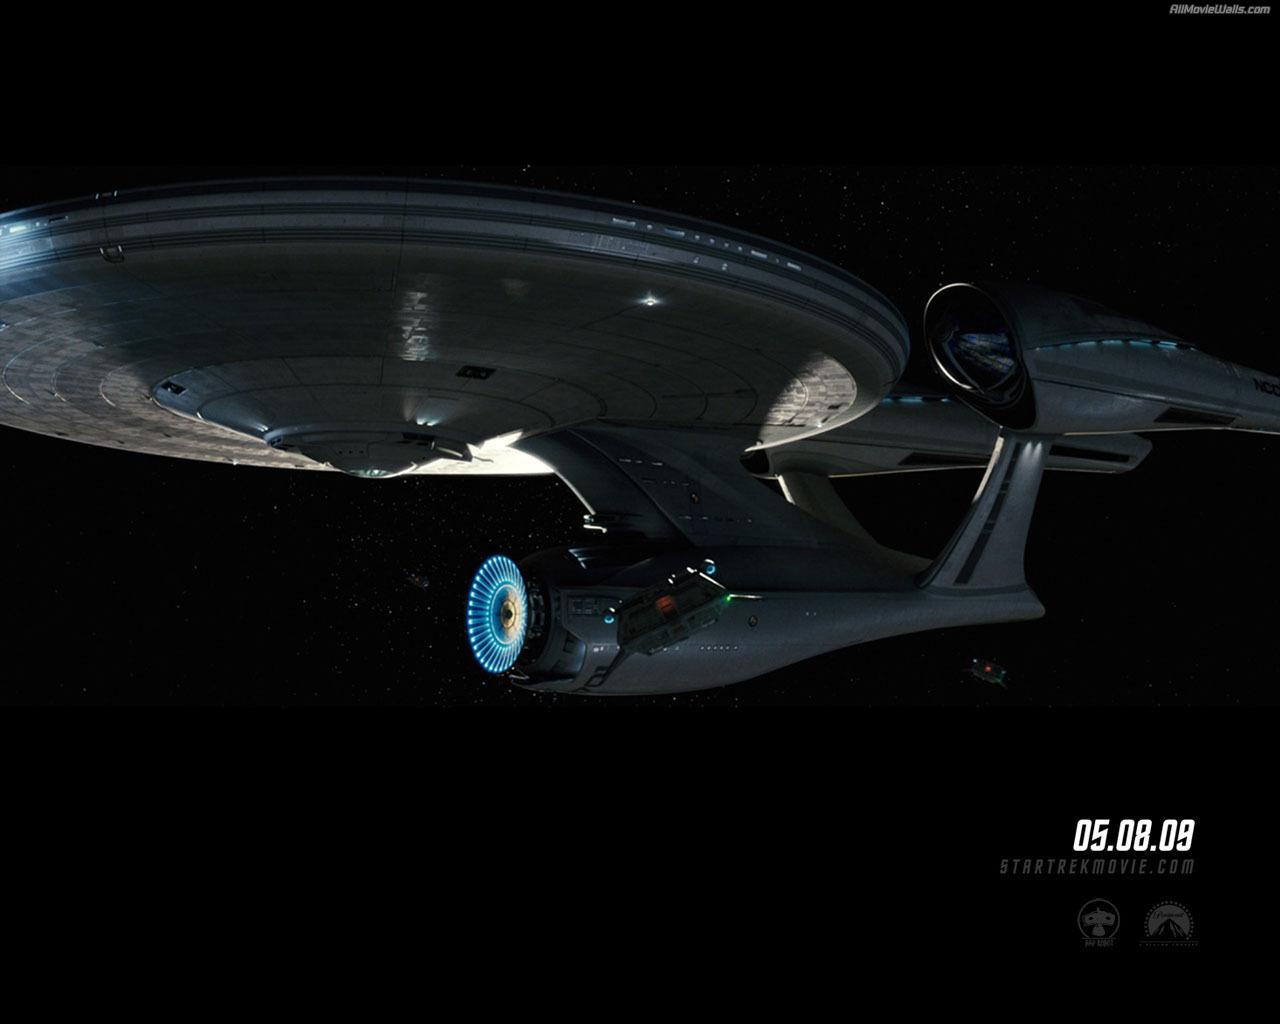 Star Trek 2009   Movies Wallpaper 6444033 1280x1024